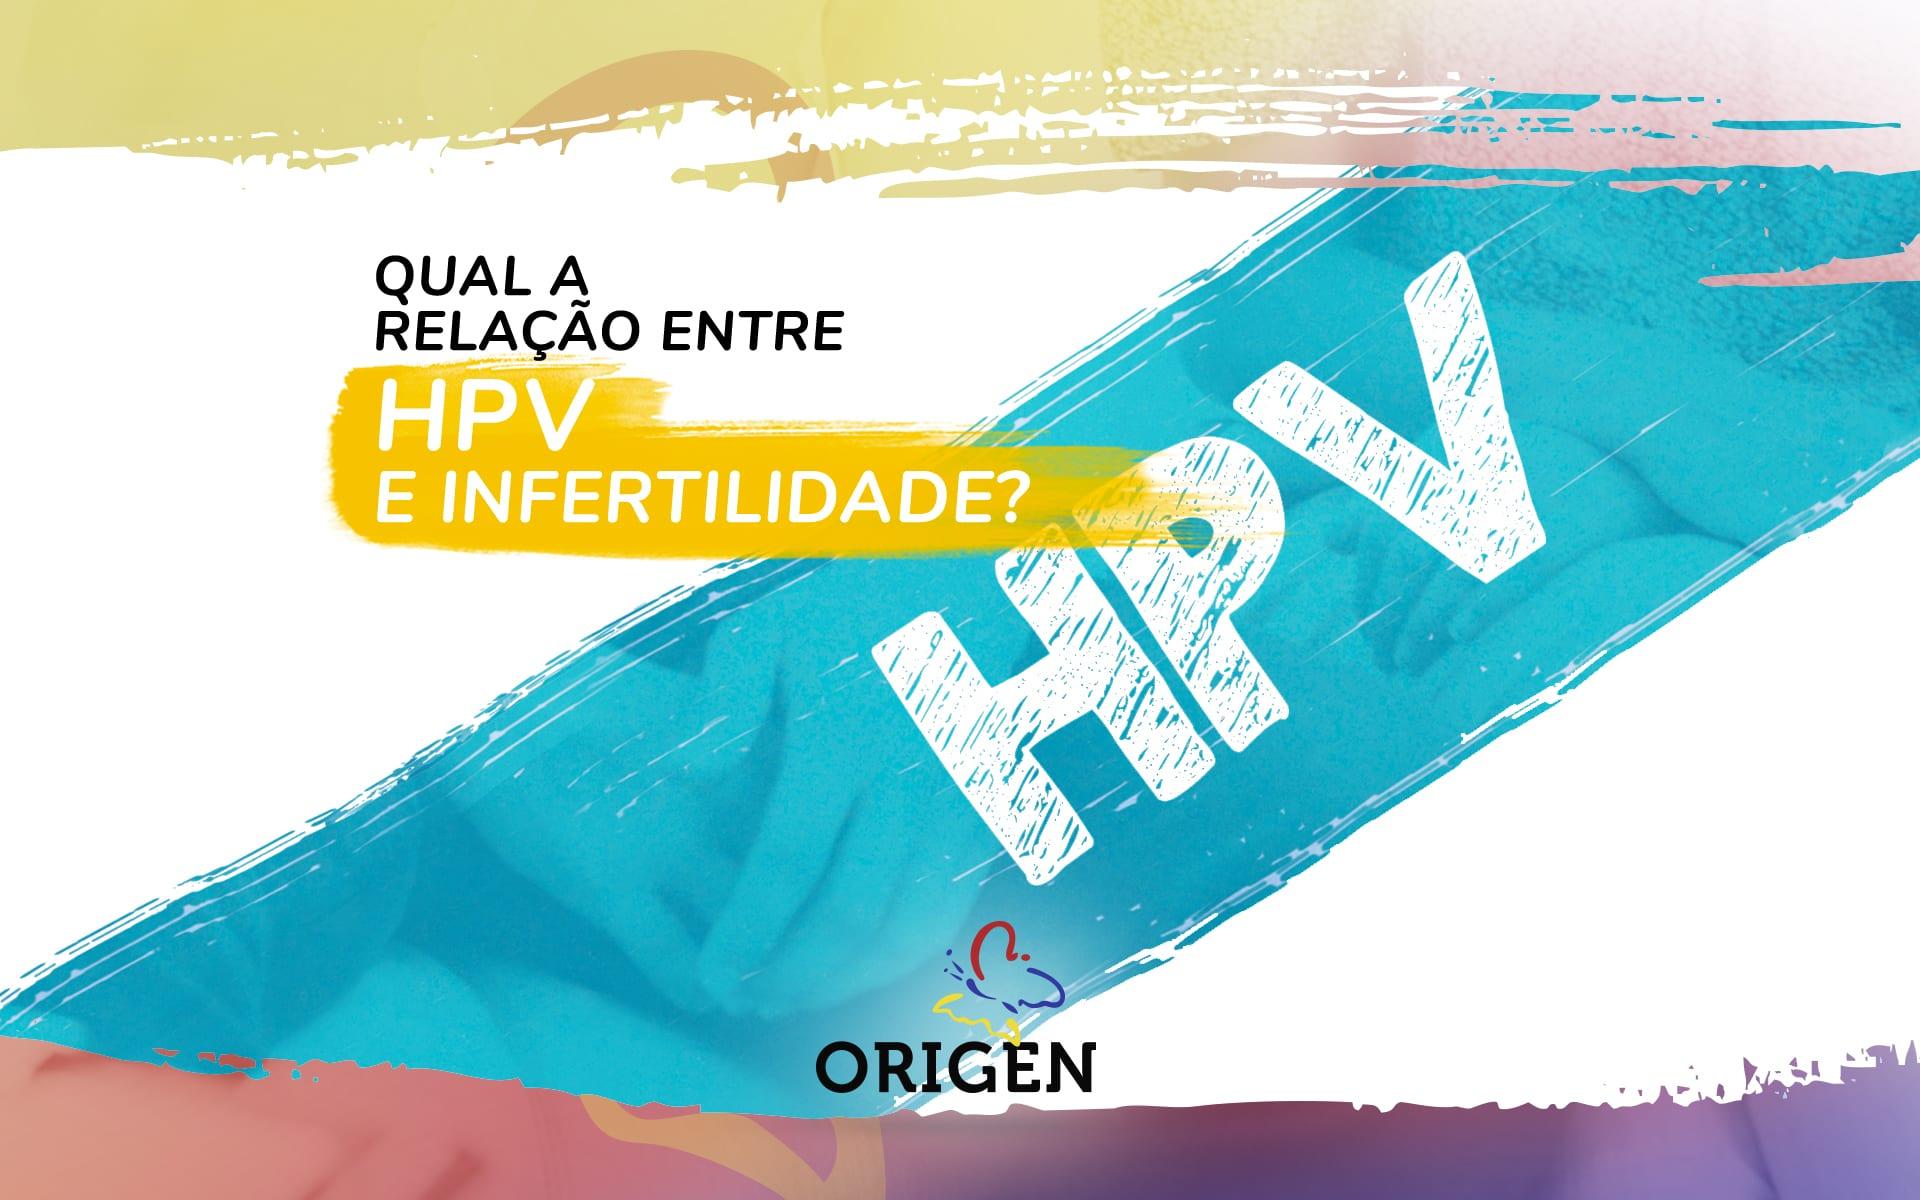 Infertilidade e HPV: qual a relação?